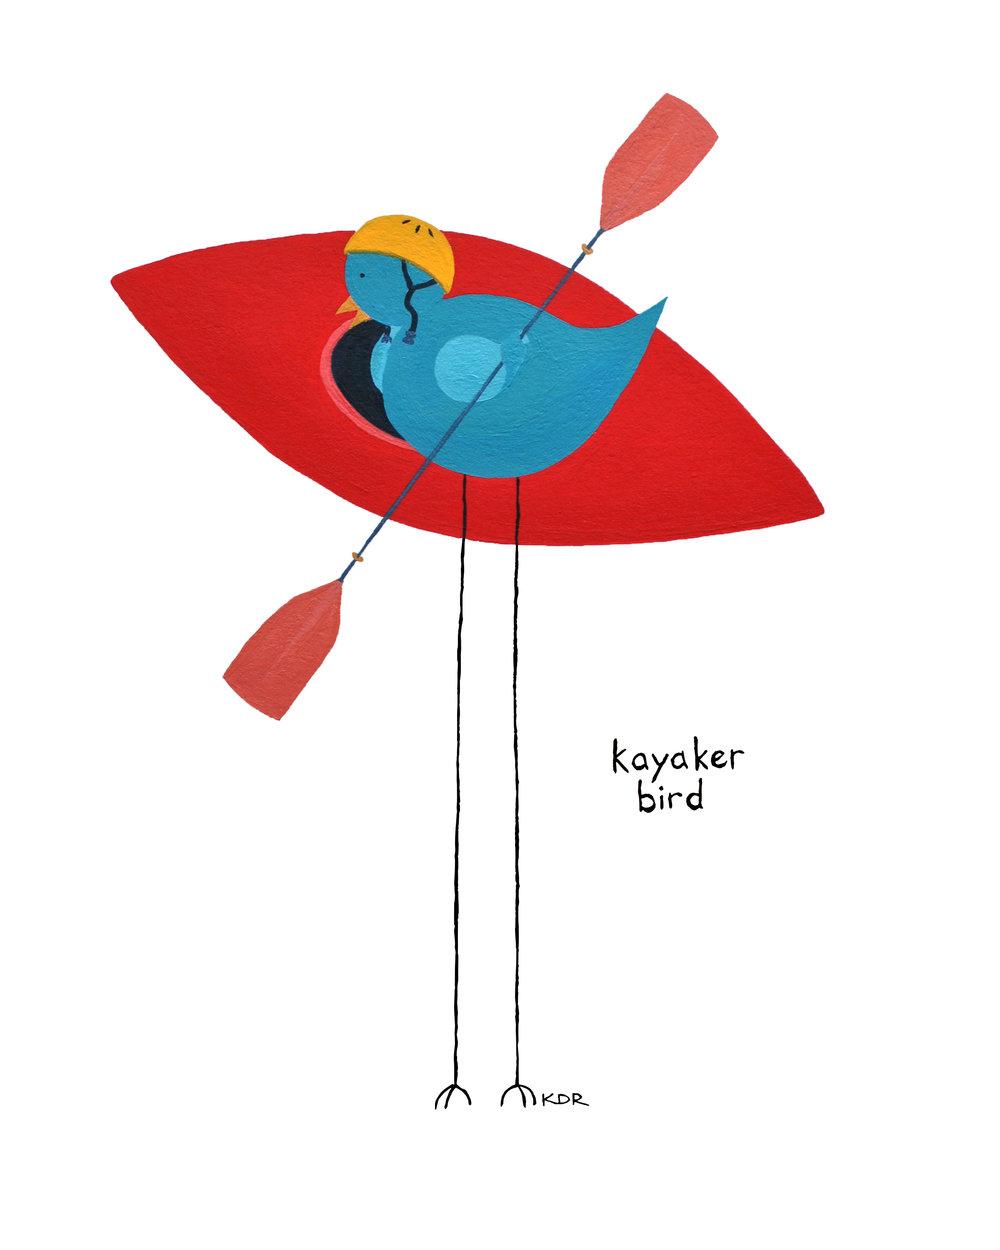 kayakerbird_8x10.jpg